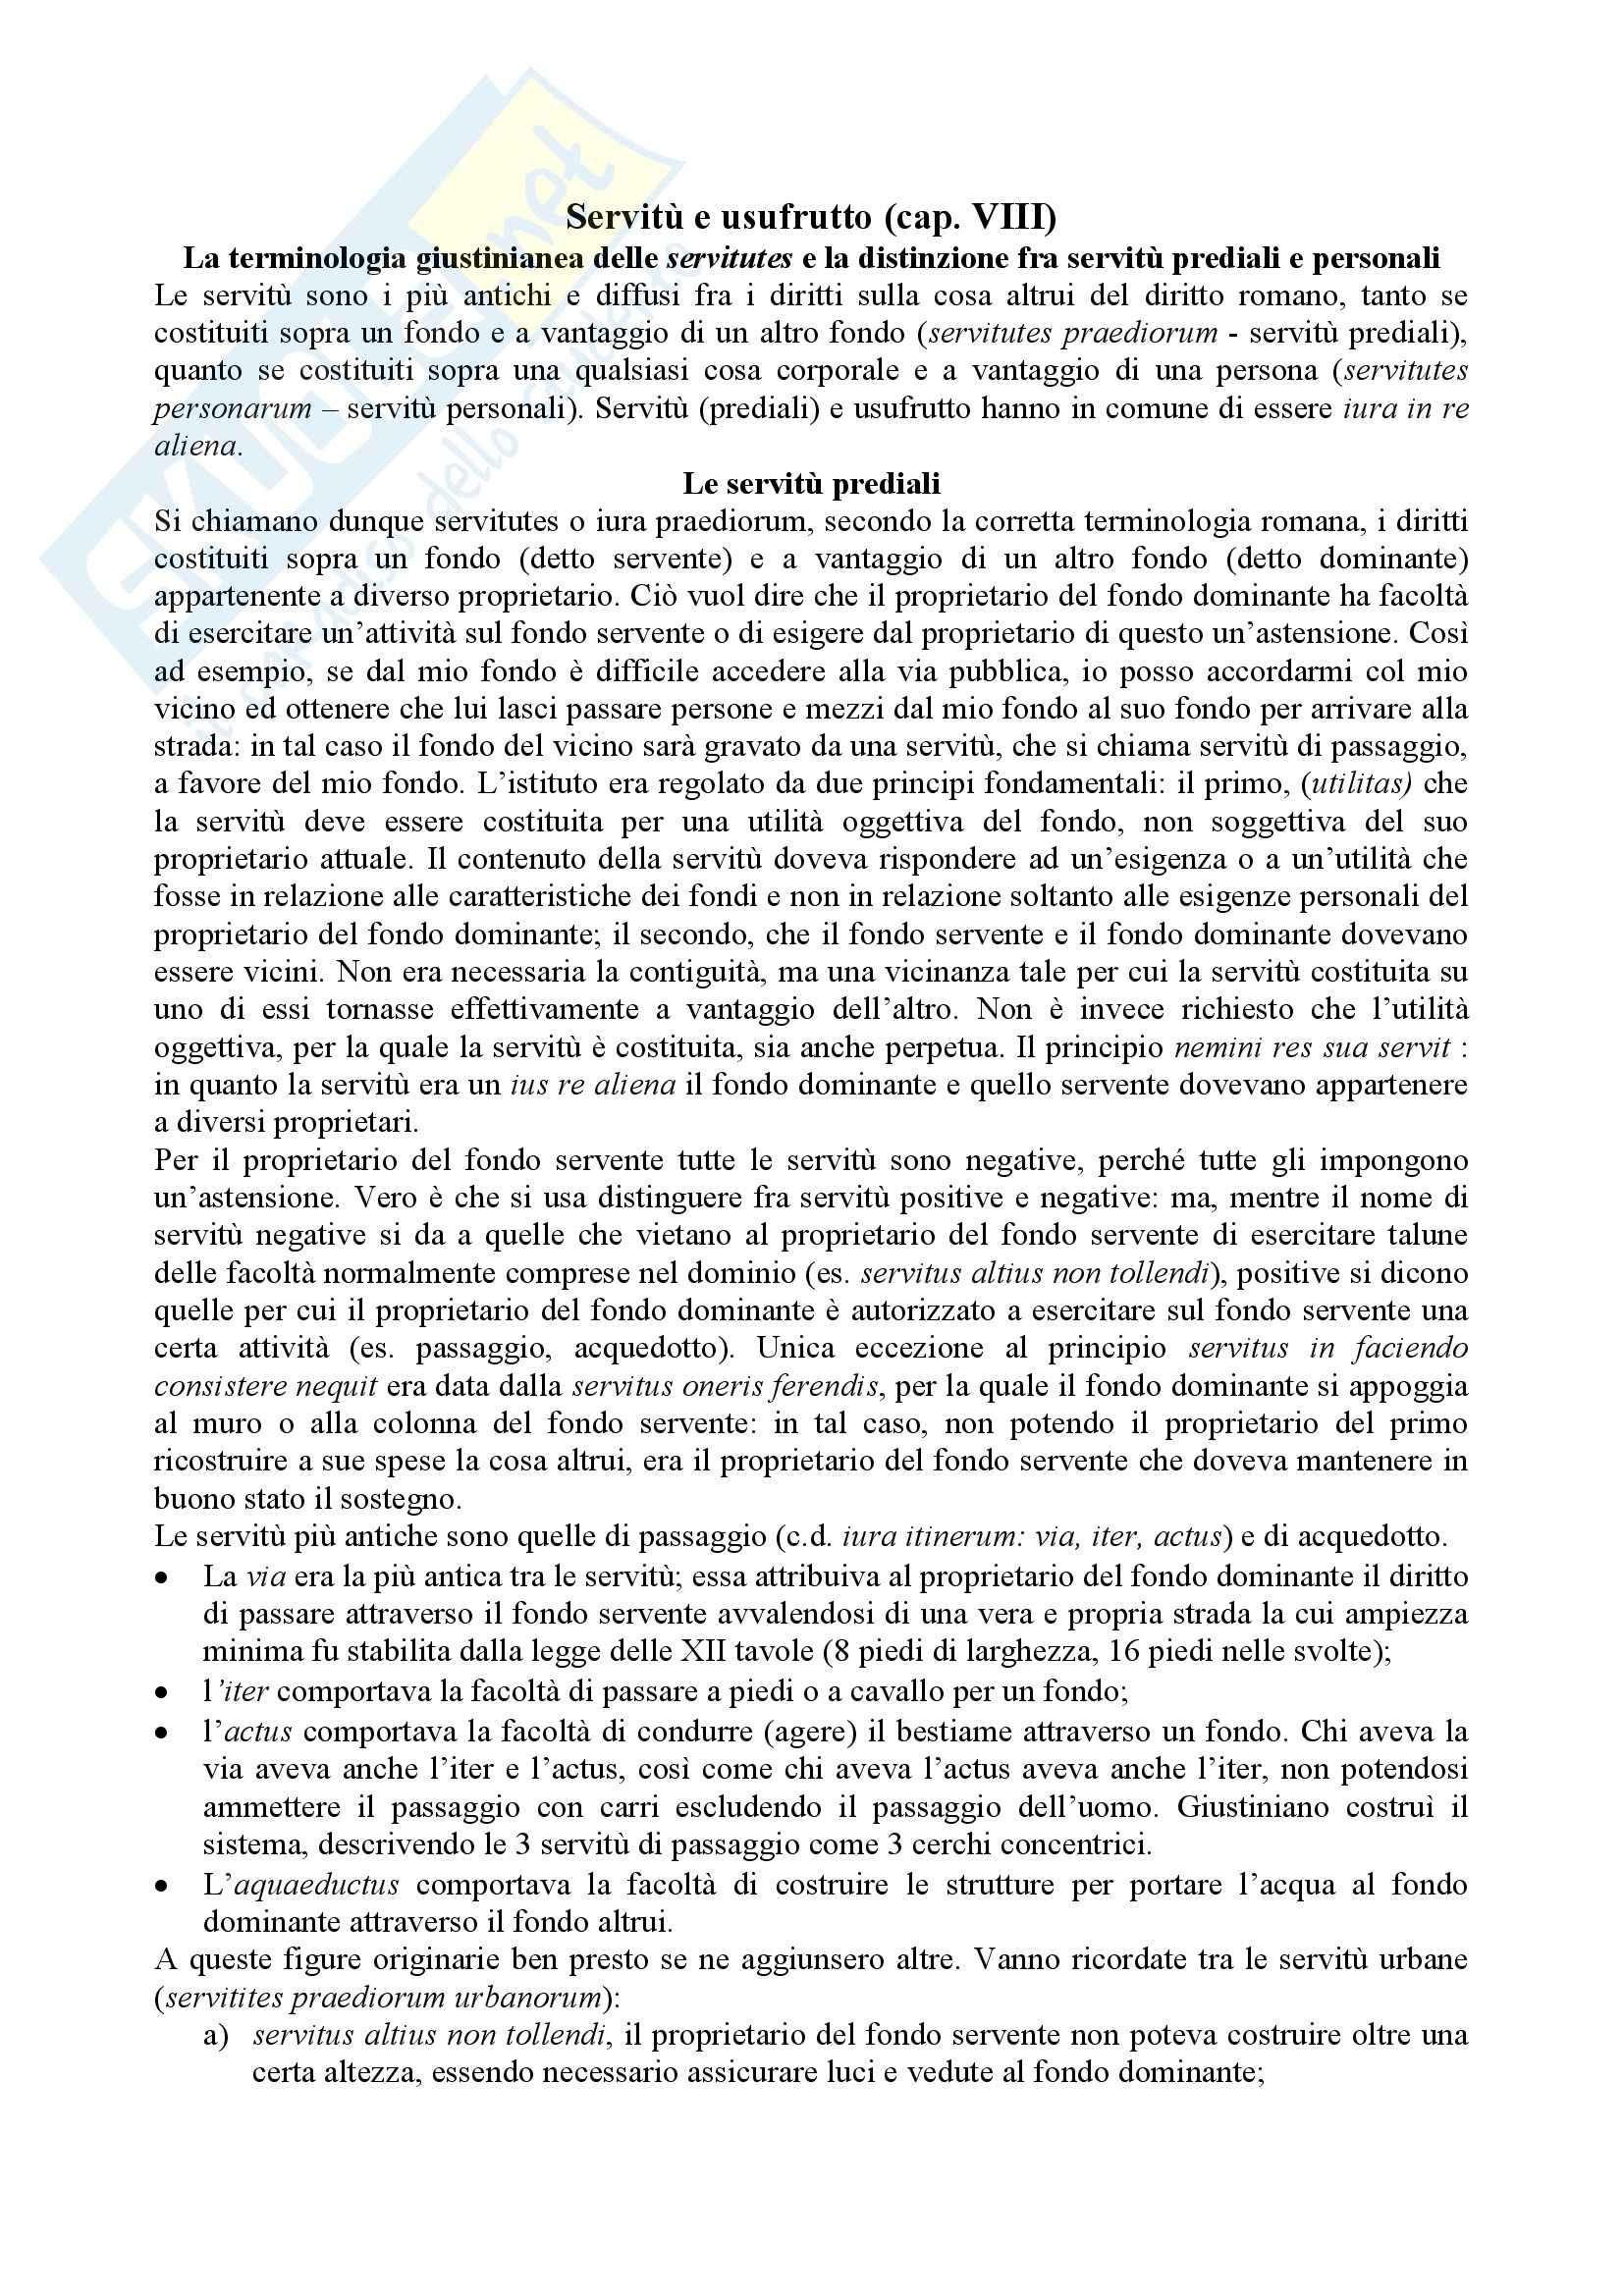 Diritto romano - Servitù e usufrutto